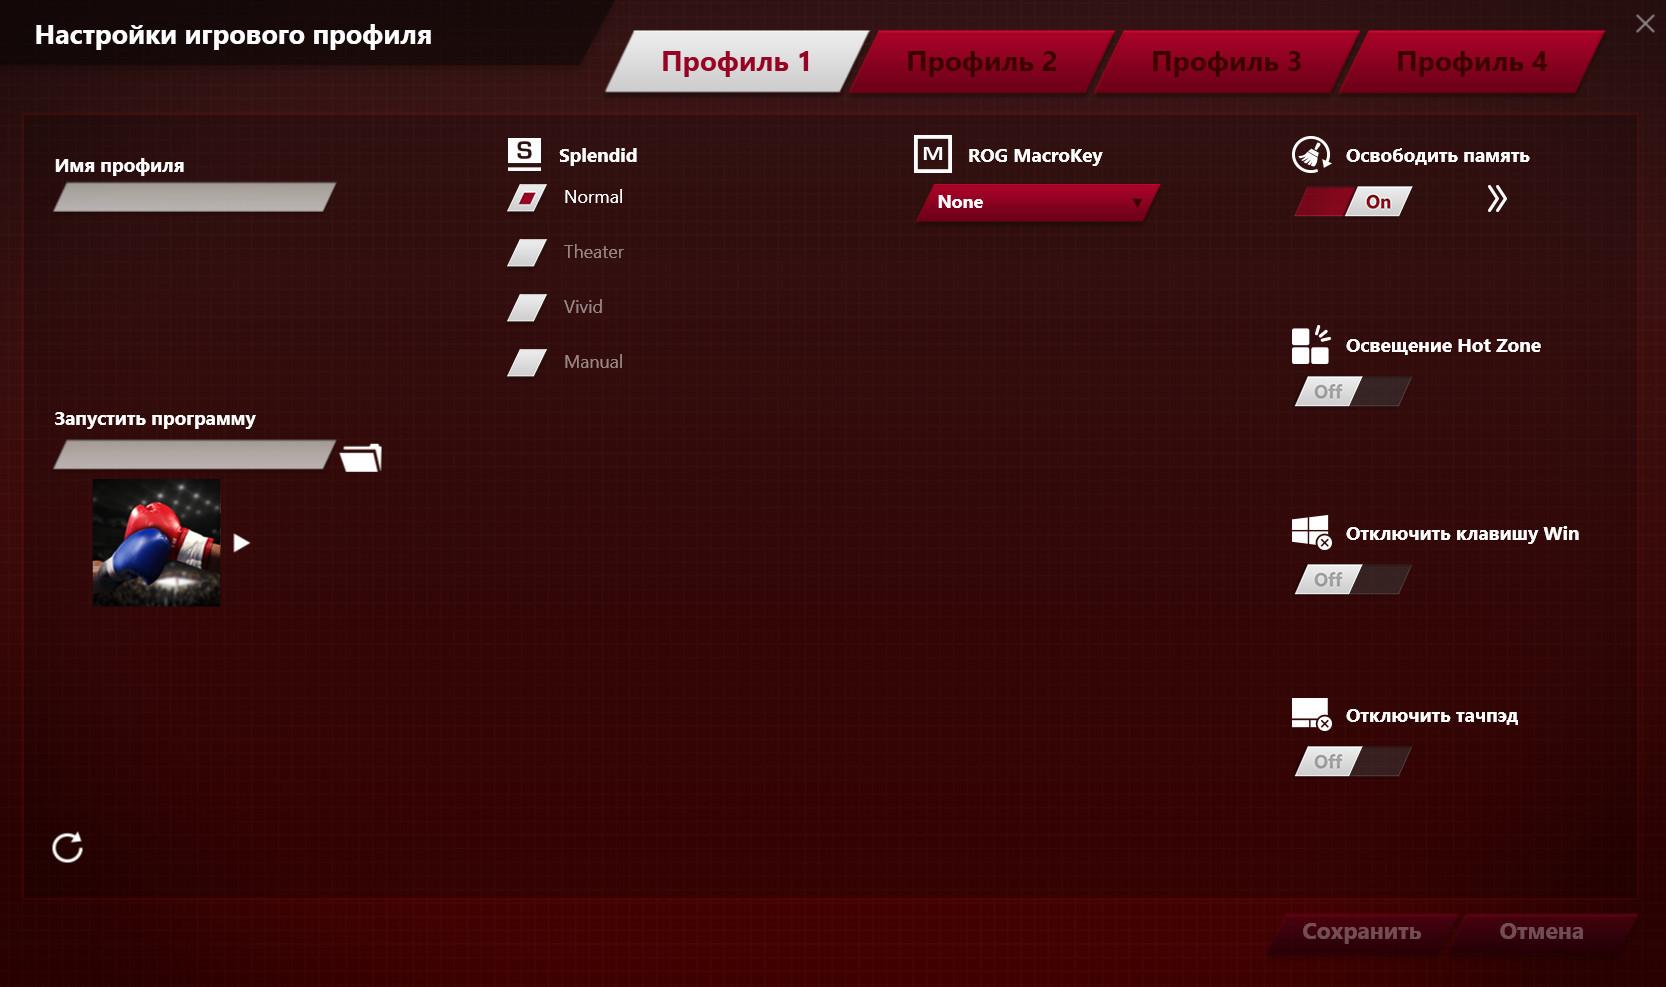 Обзор игрового ноутбука G752VY - 35